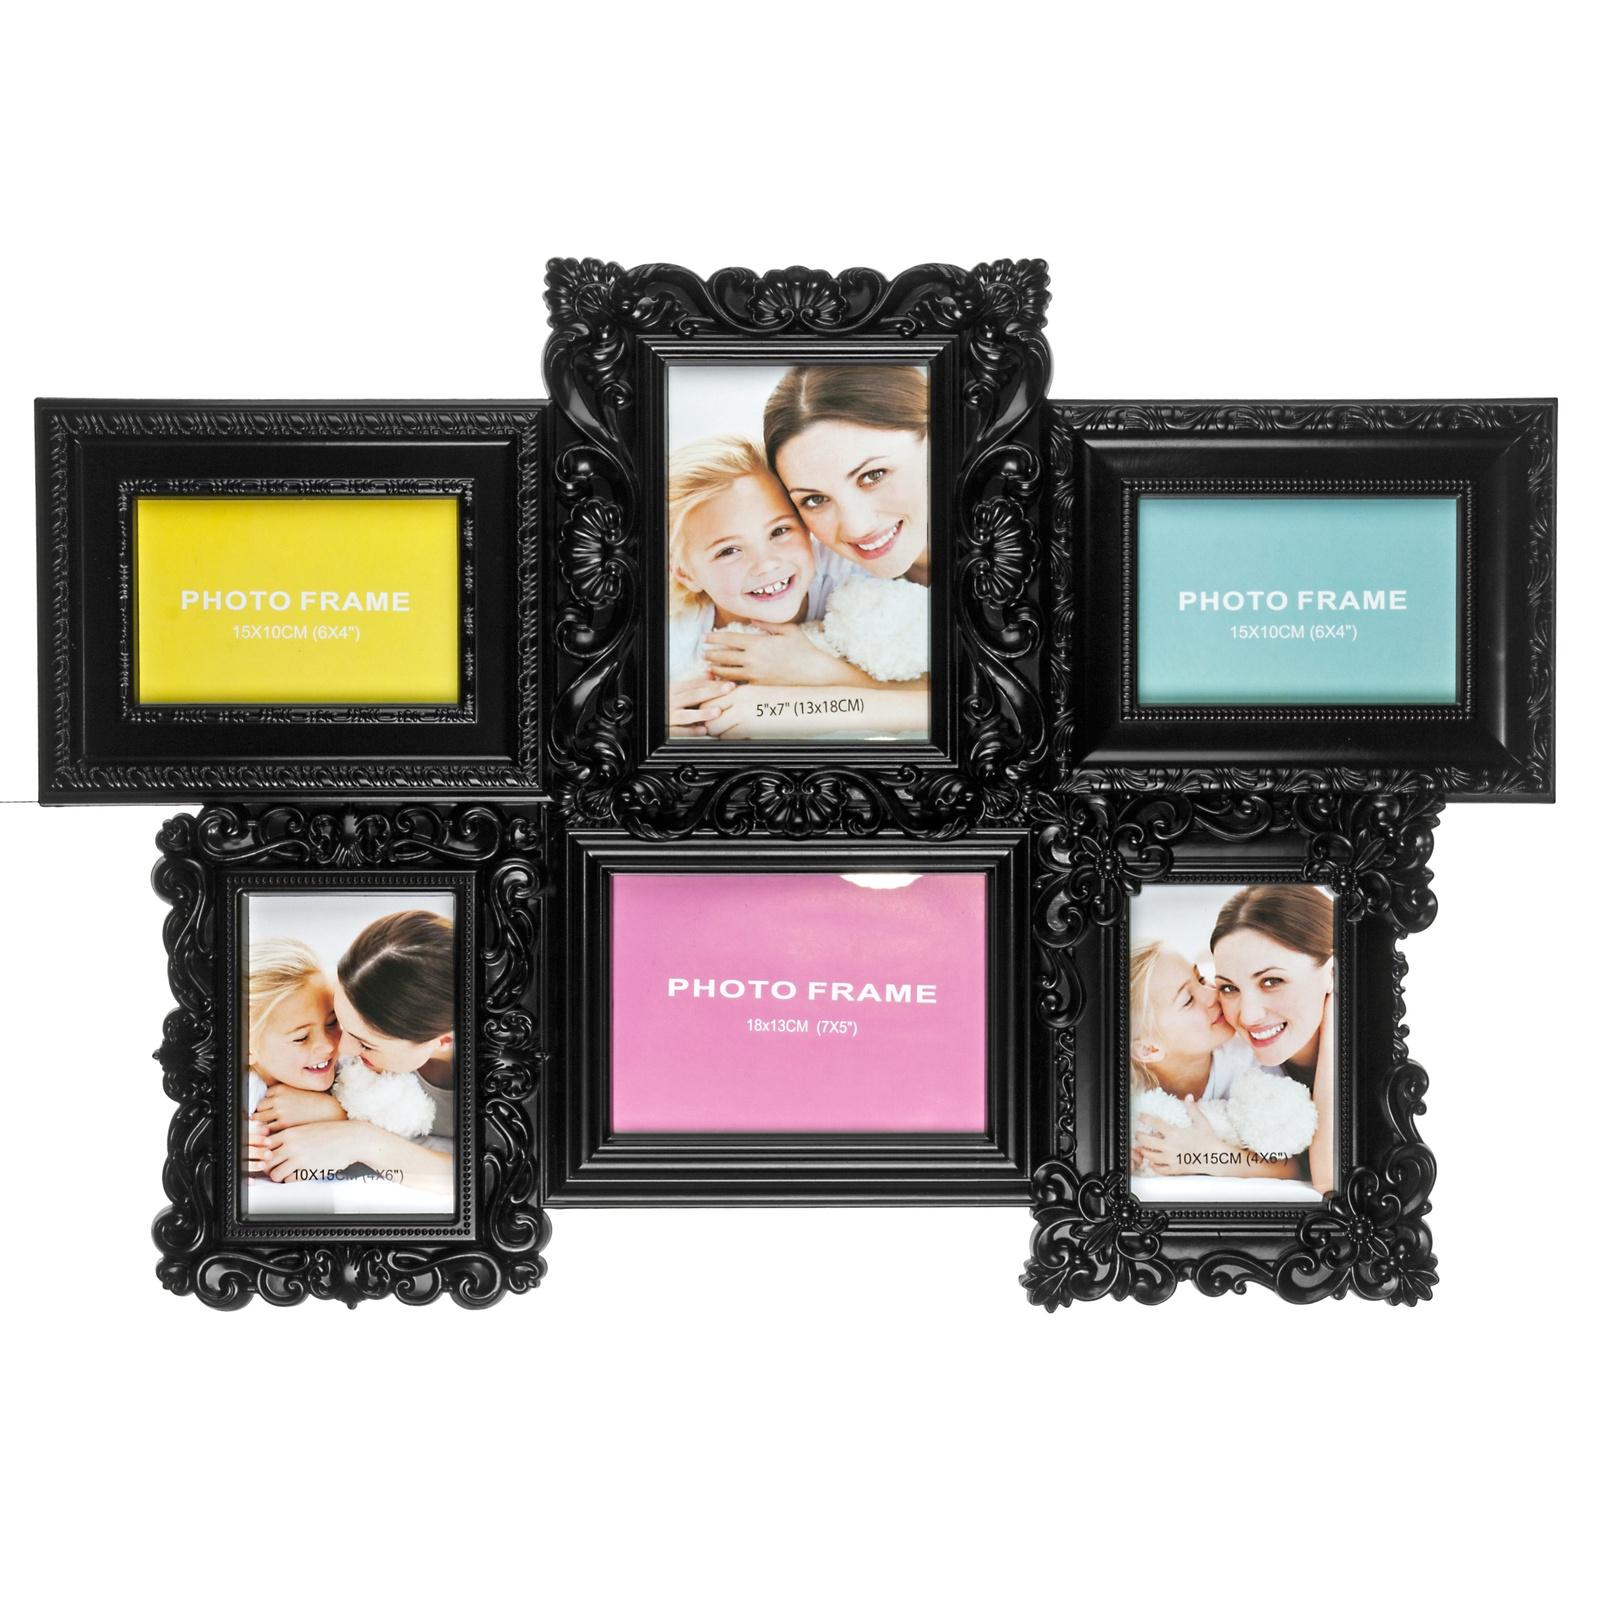 Фоторамка Platinum, цвет: черный, на 6 фото. BIN-1123783-Black-Чёрный полотенце proffi home классик цвет шоколадный 50 x 100 см